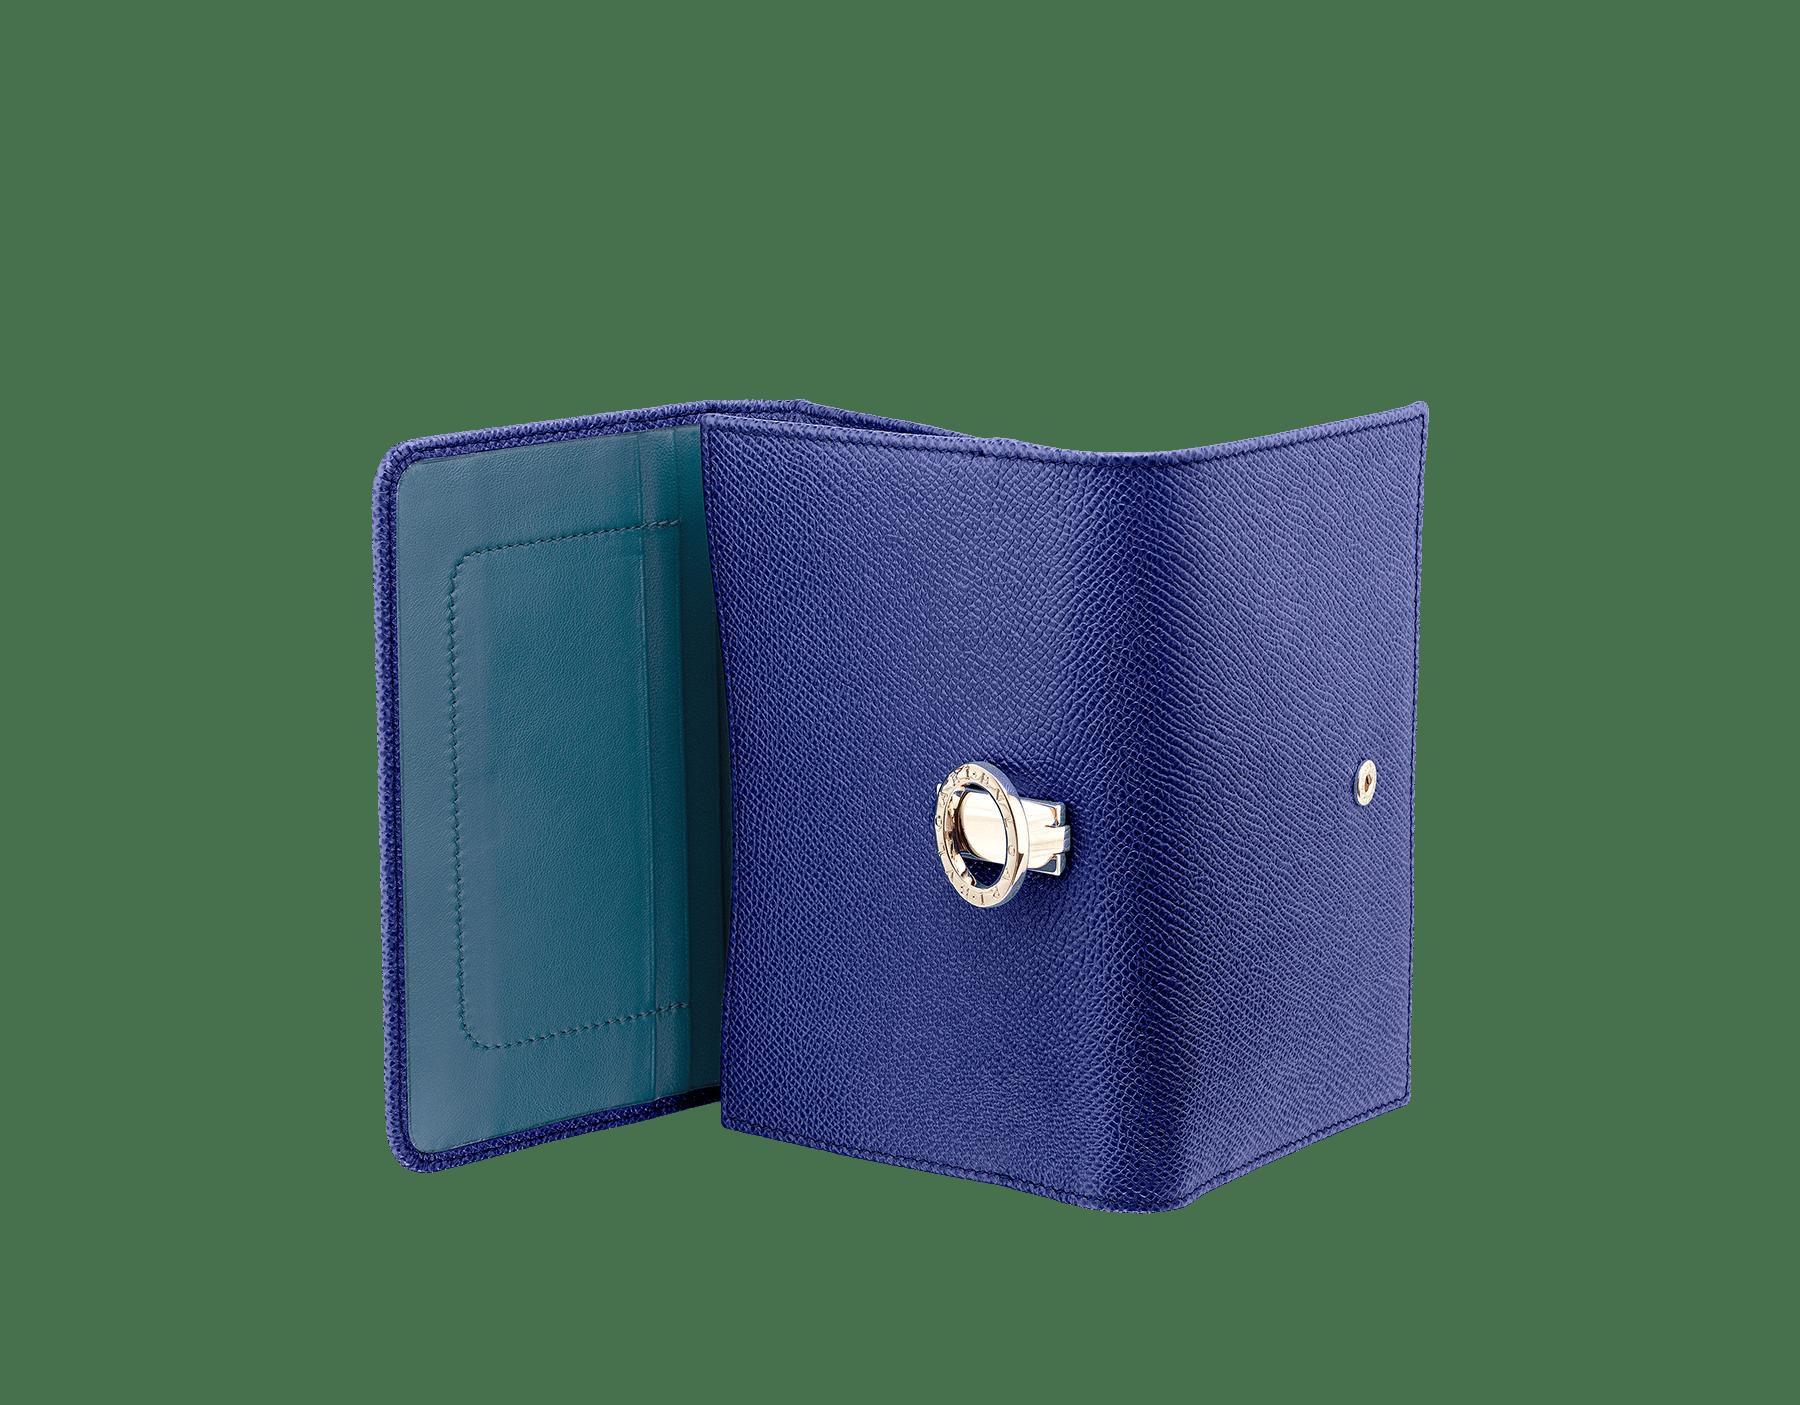 深藍色「Emoji Cat」圖案上等印花薩里昂絲七褶領帶。以奢華折紙工藝縫製而成,表裡均為真絲。純手工製作。8 公分 - 3.1 吋。 579-COMPPOCHETTE image 3